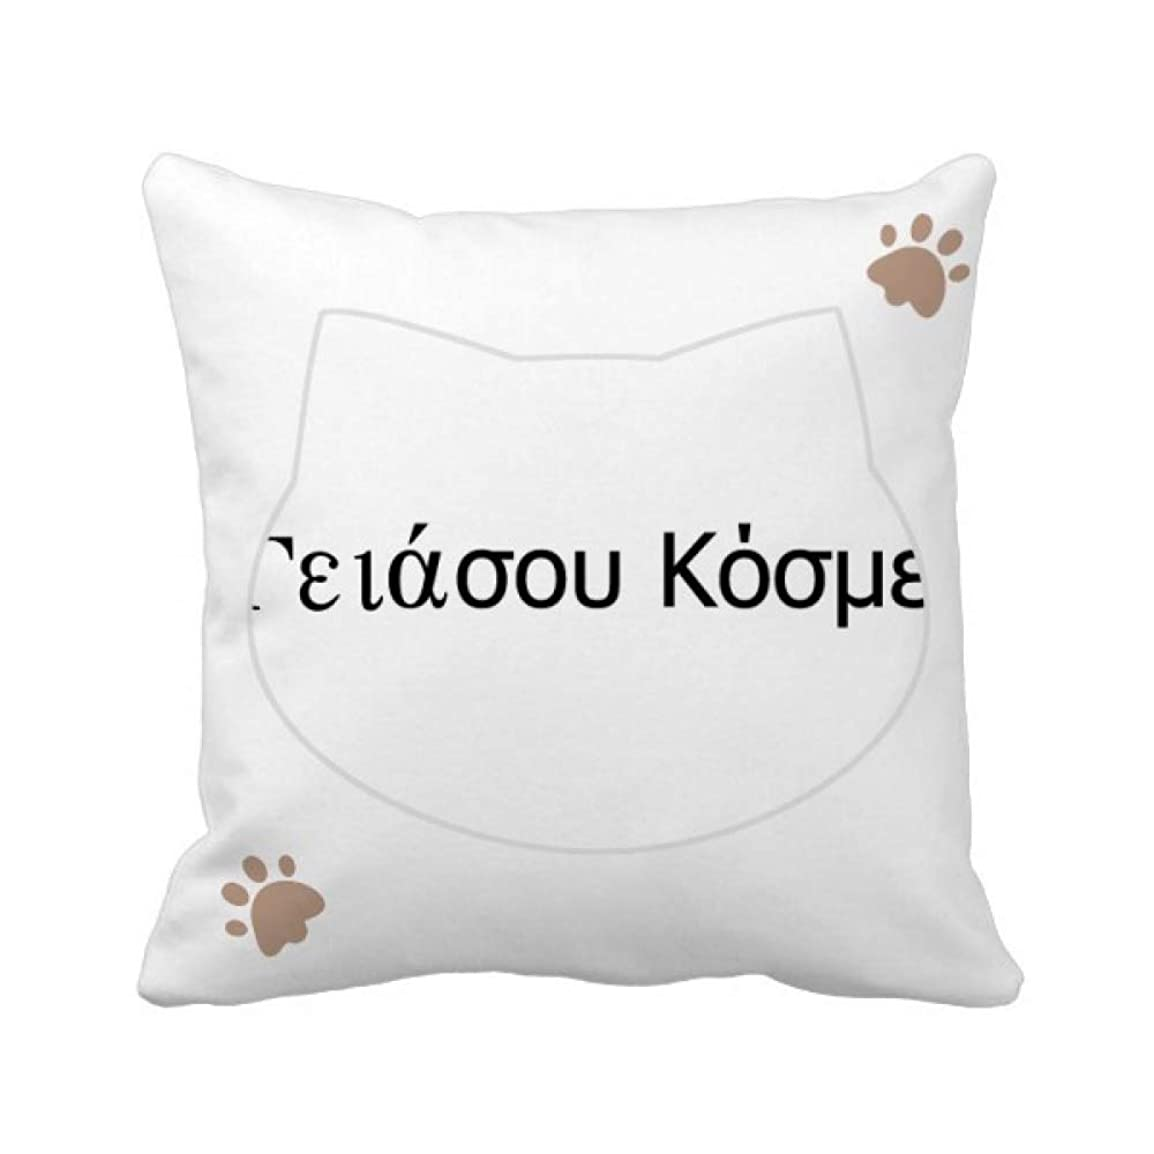 騙すパトロン食事こんにちは世界のギリシャ語 枕カバーを放り投げる猫広場 50cm x 50cm